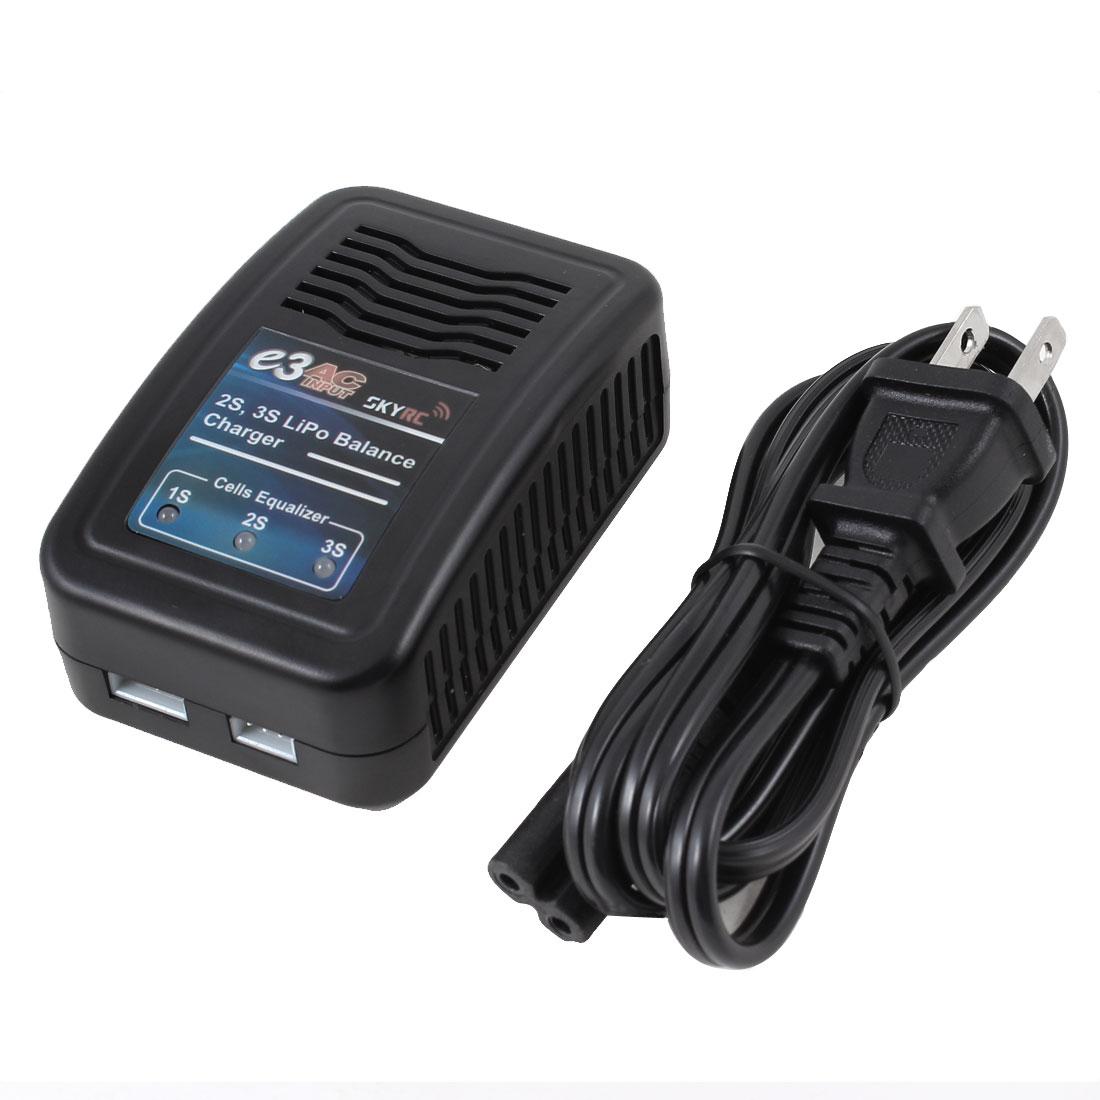 AC 100-240V US Plug 2S 3S Li-polymer LiPo R/C Hobby Balance Charger 1.2A